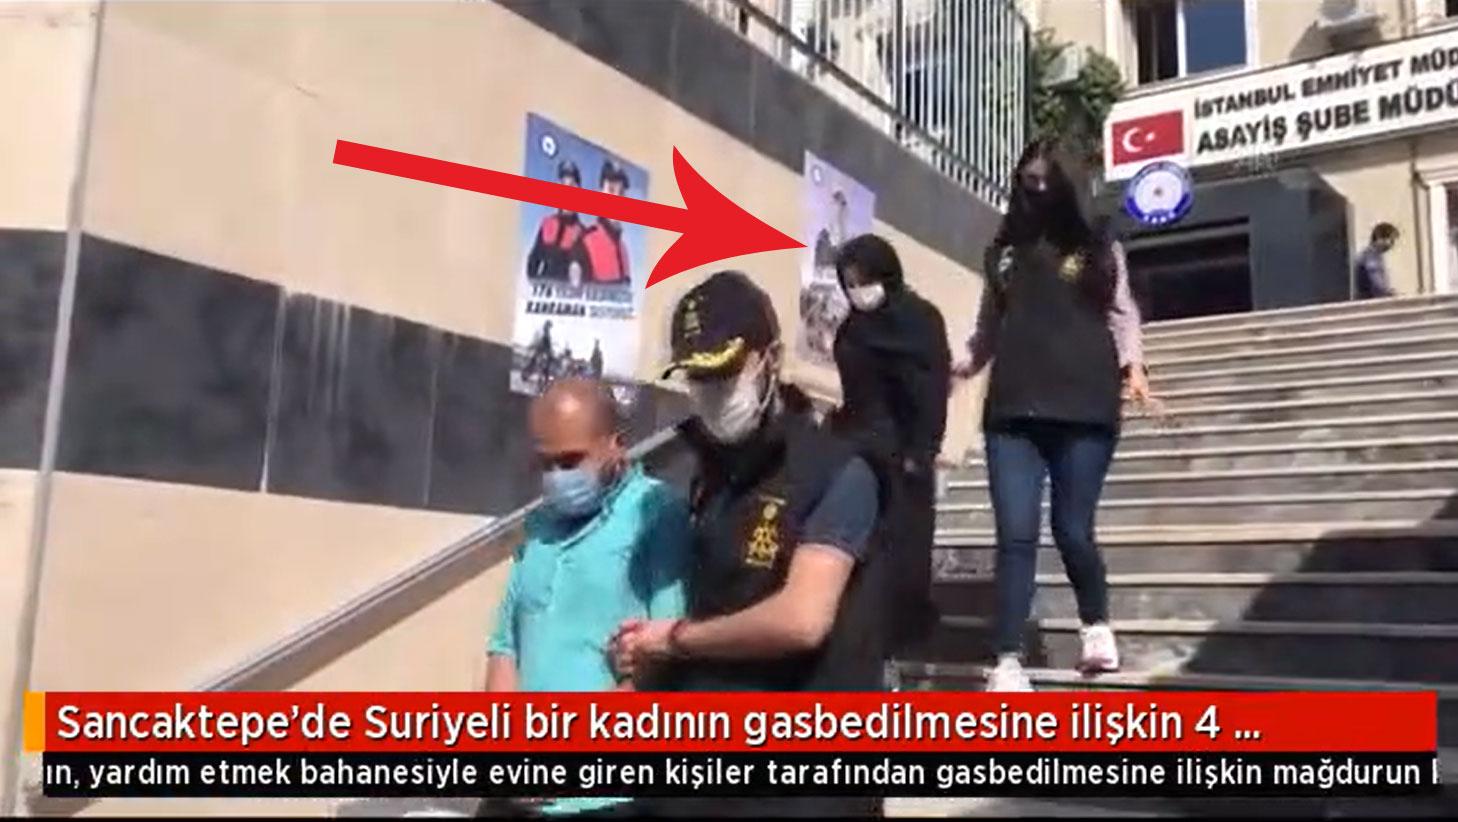 فتاة سورية تغـ.ـدر بأمها في اسطنبول (فيديو)